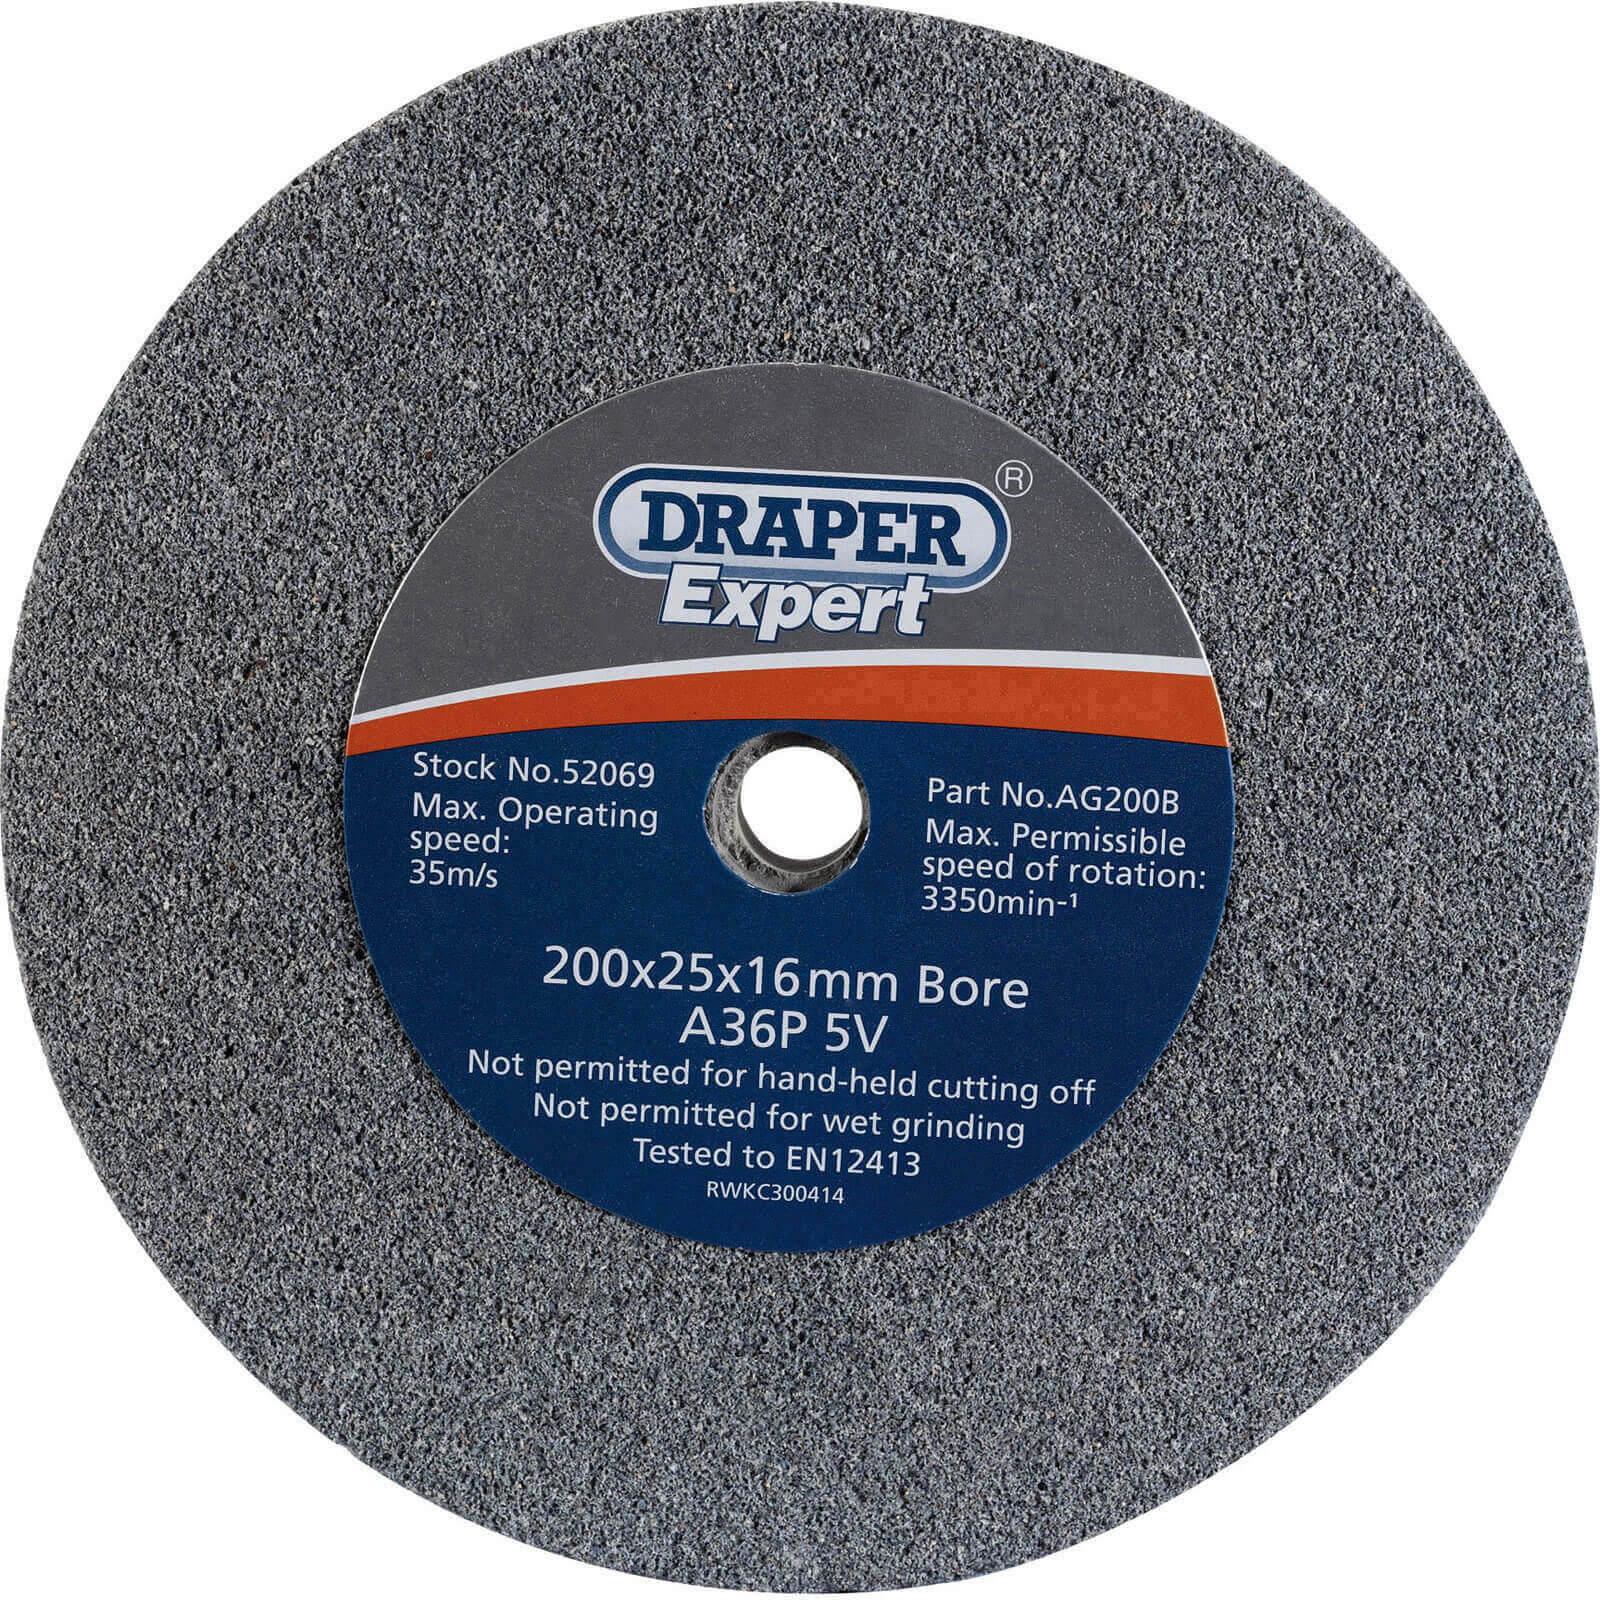 Image of Draper Expert Bench Grinding Wheel 200mm 25mm 30g